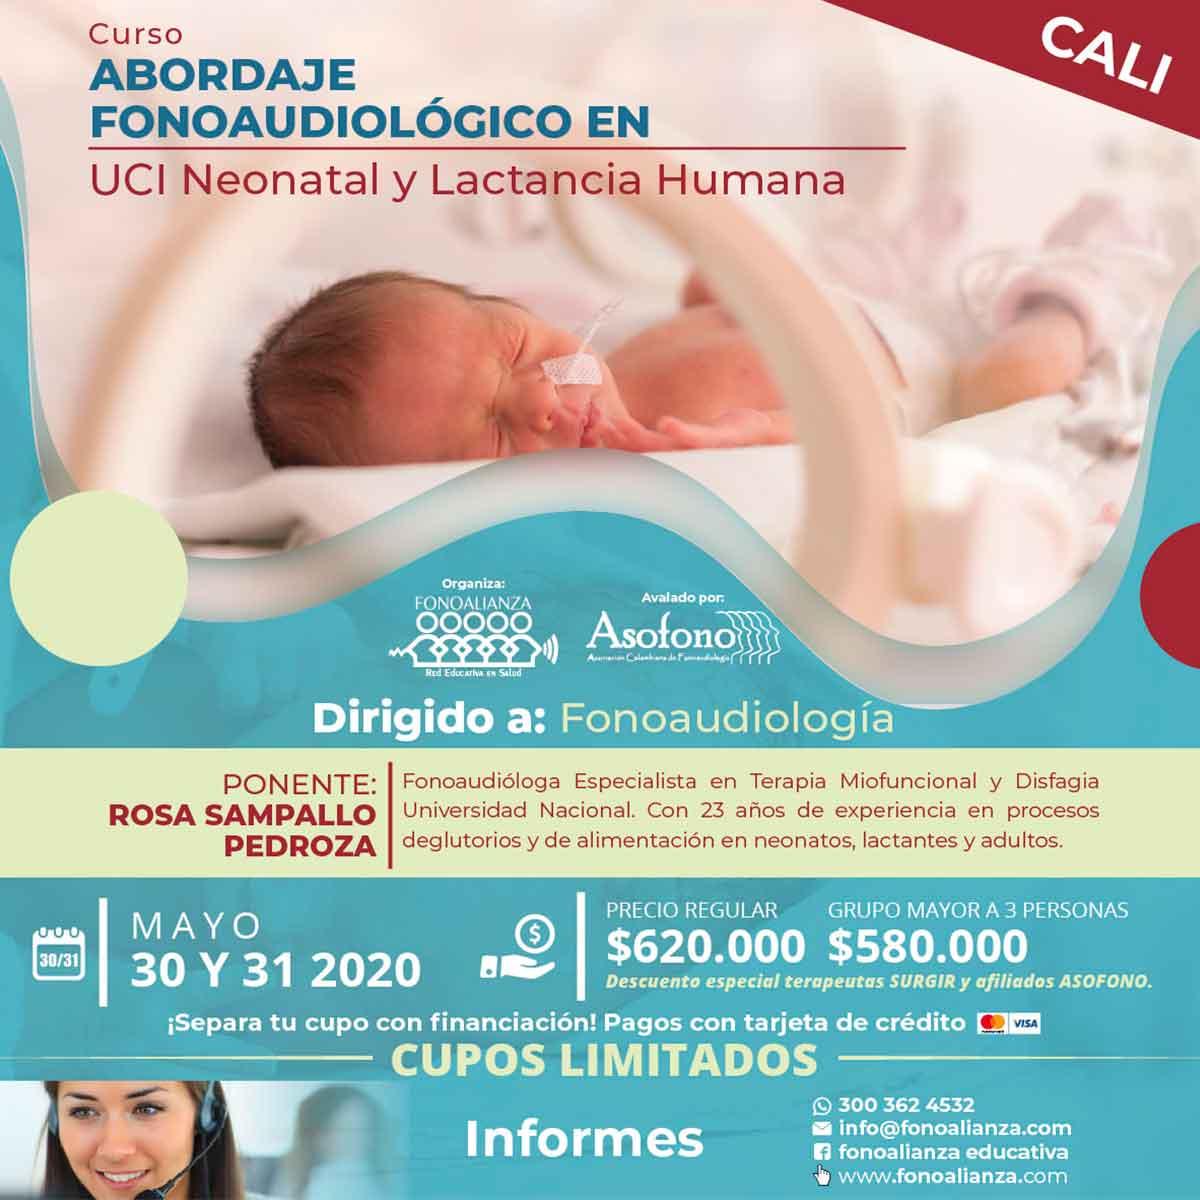 UCI Neonatal